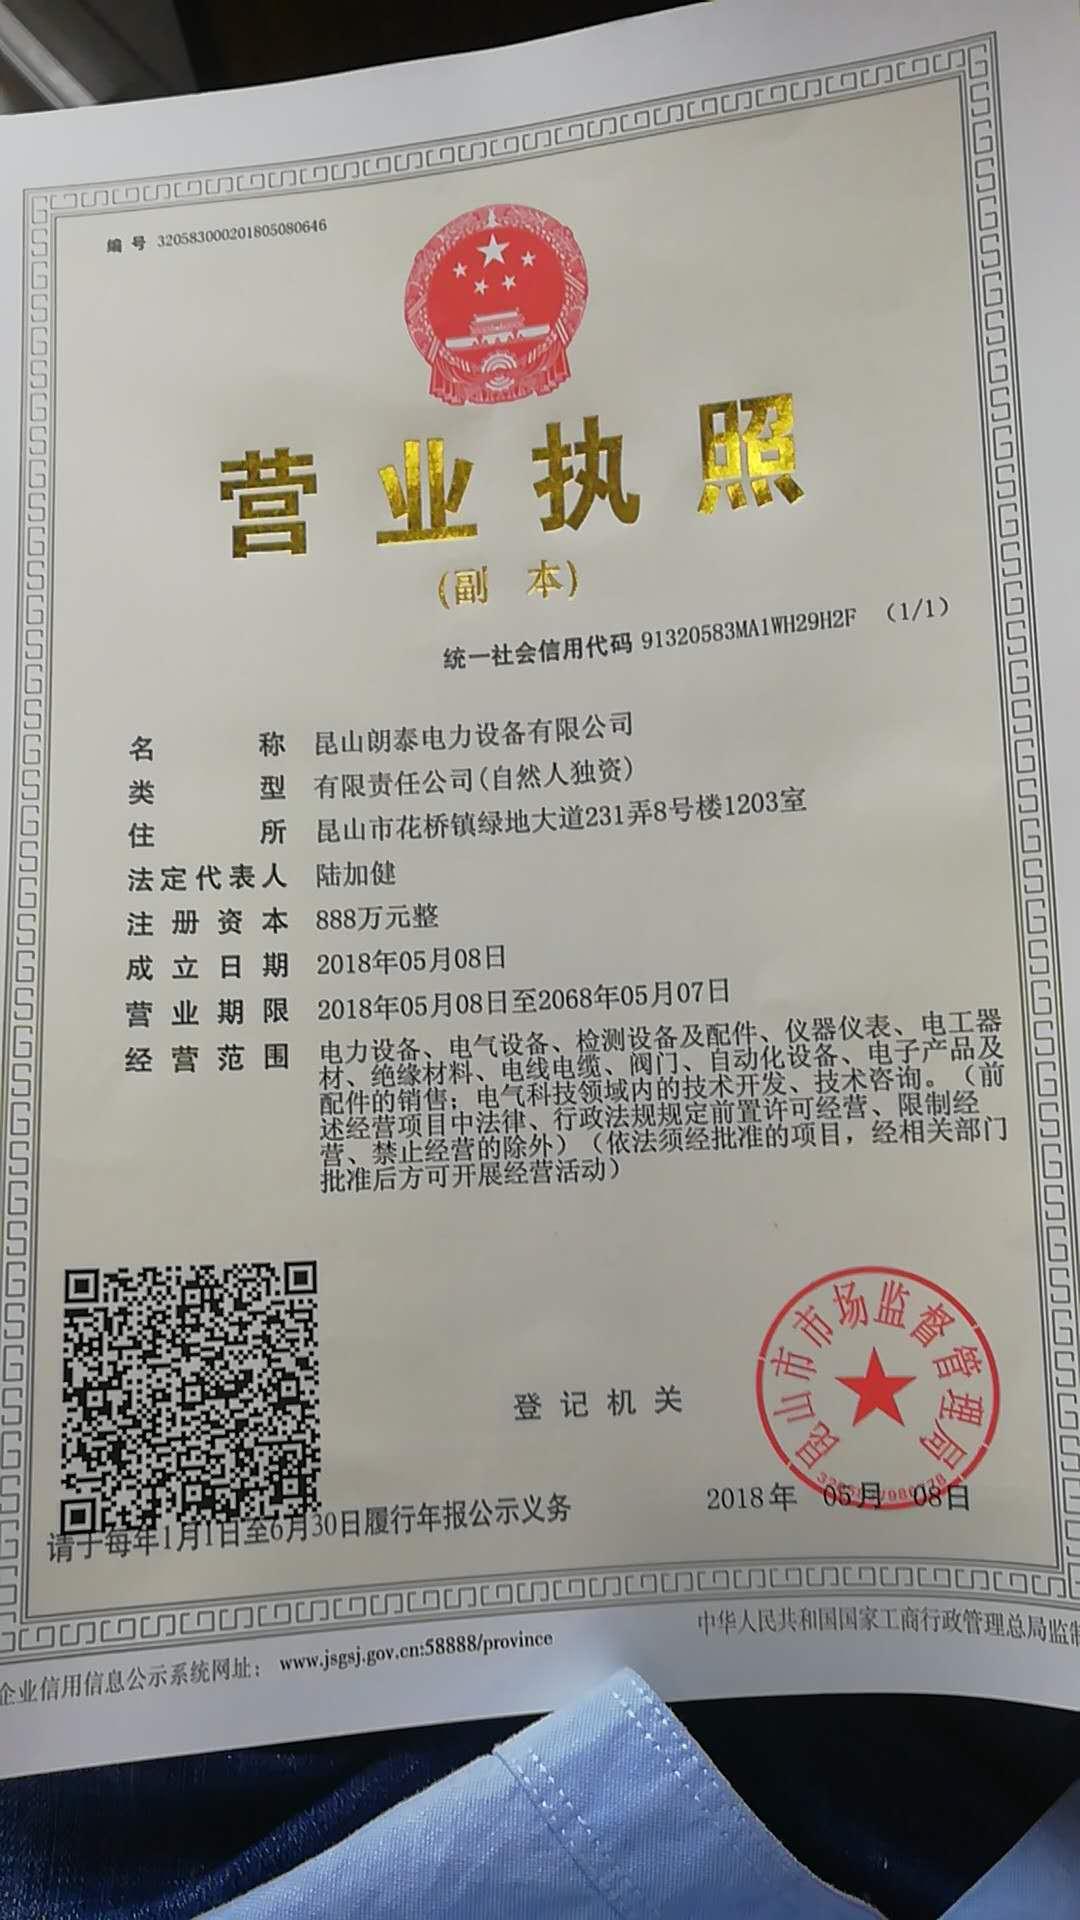 昆山朗泰电力设备有限公司